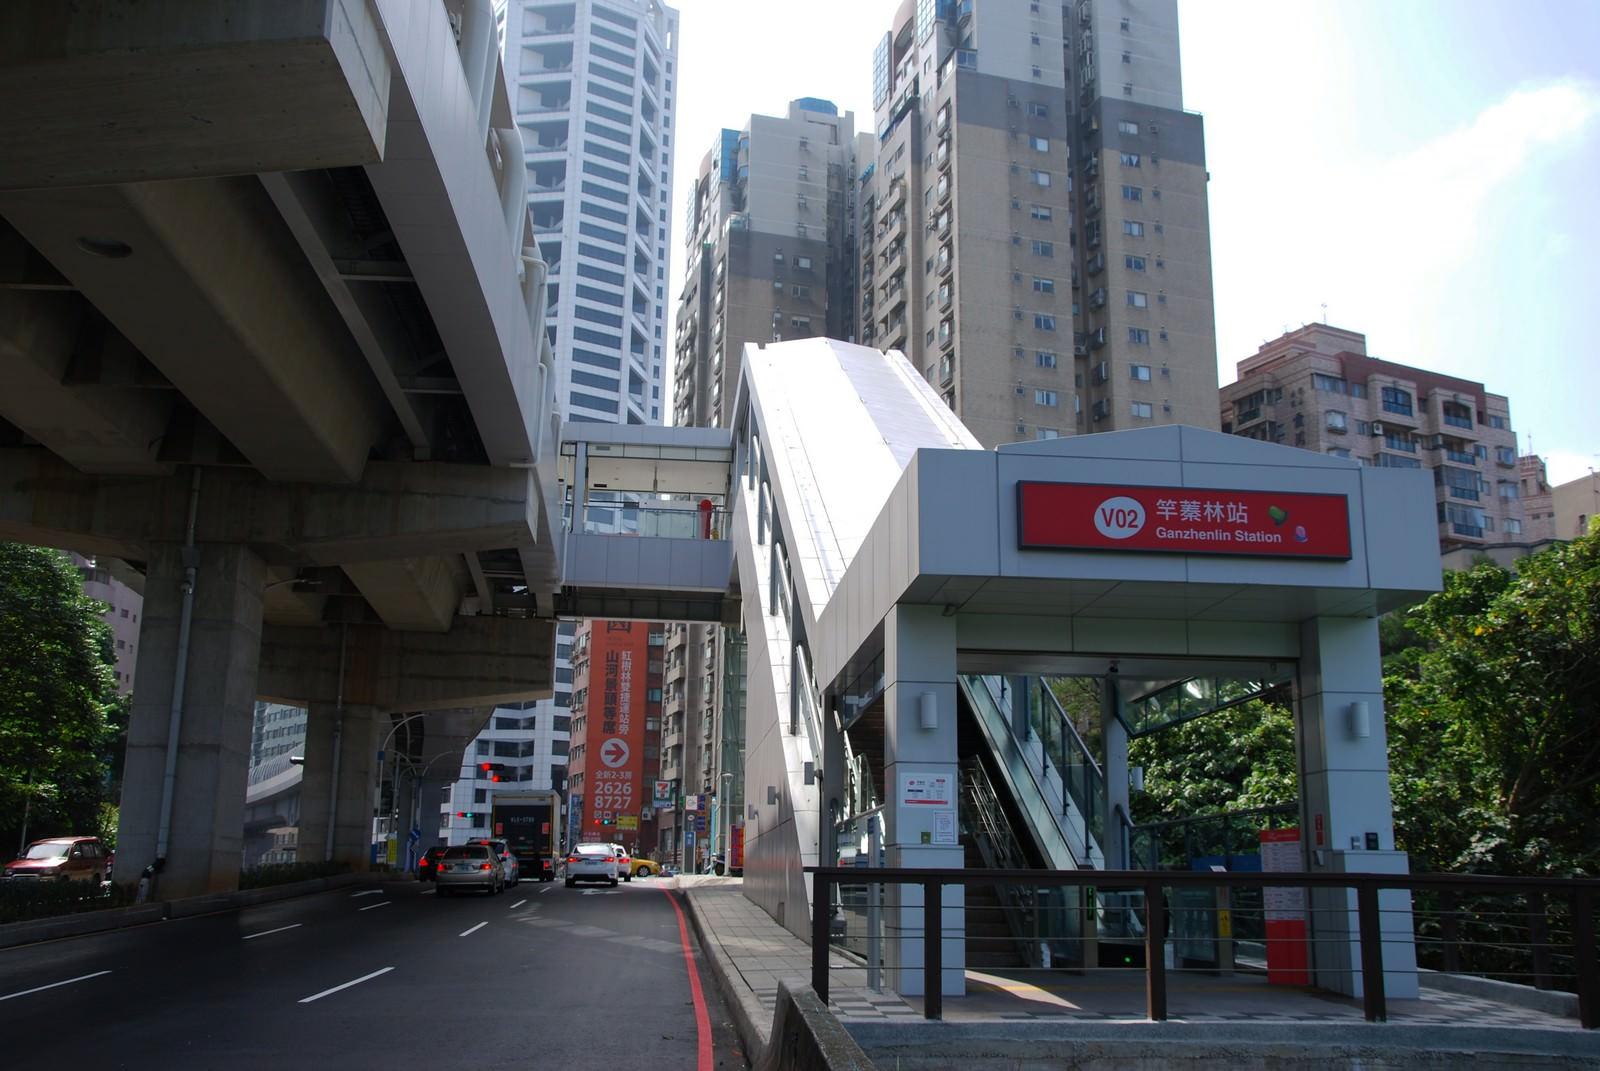 淡海輕軌綠山線, 輕軌竿蓁林站, 車站建築主體